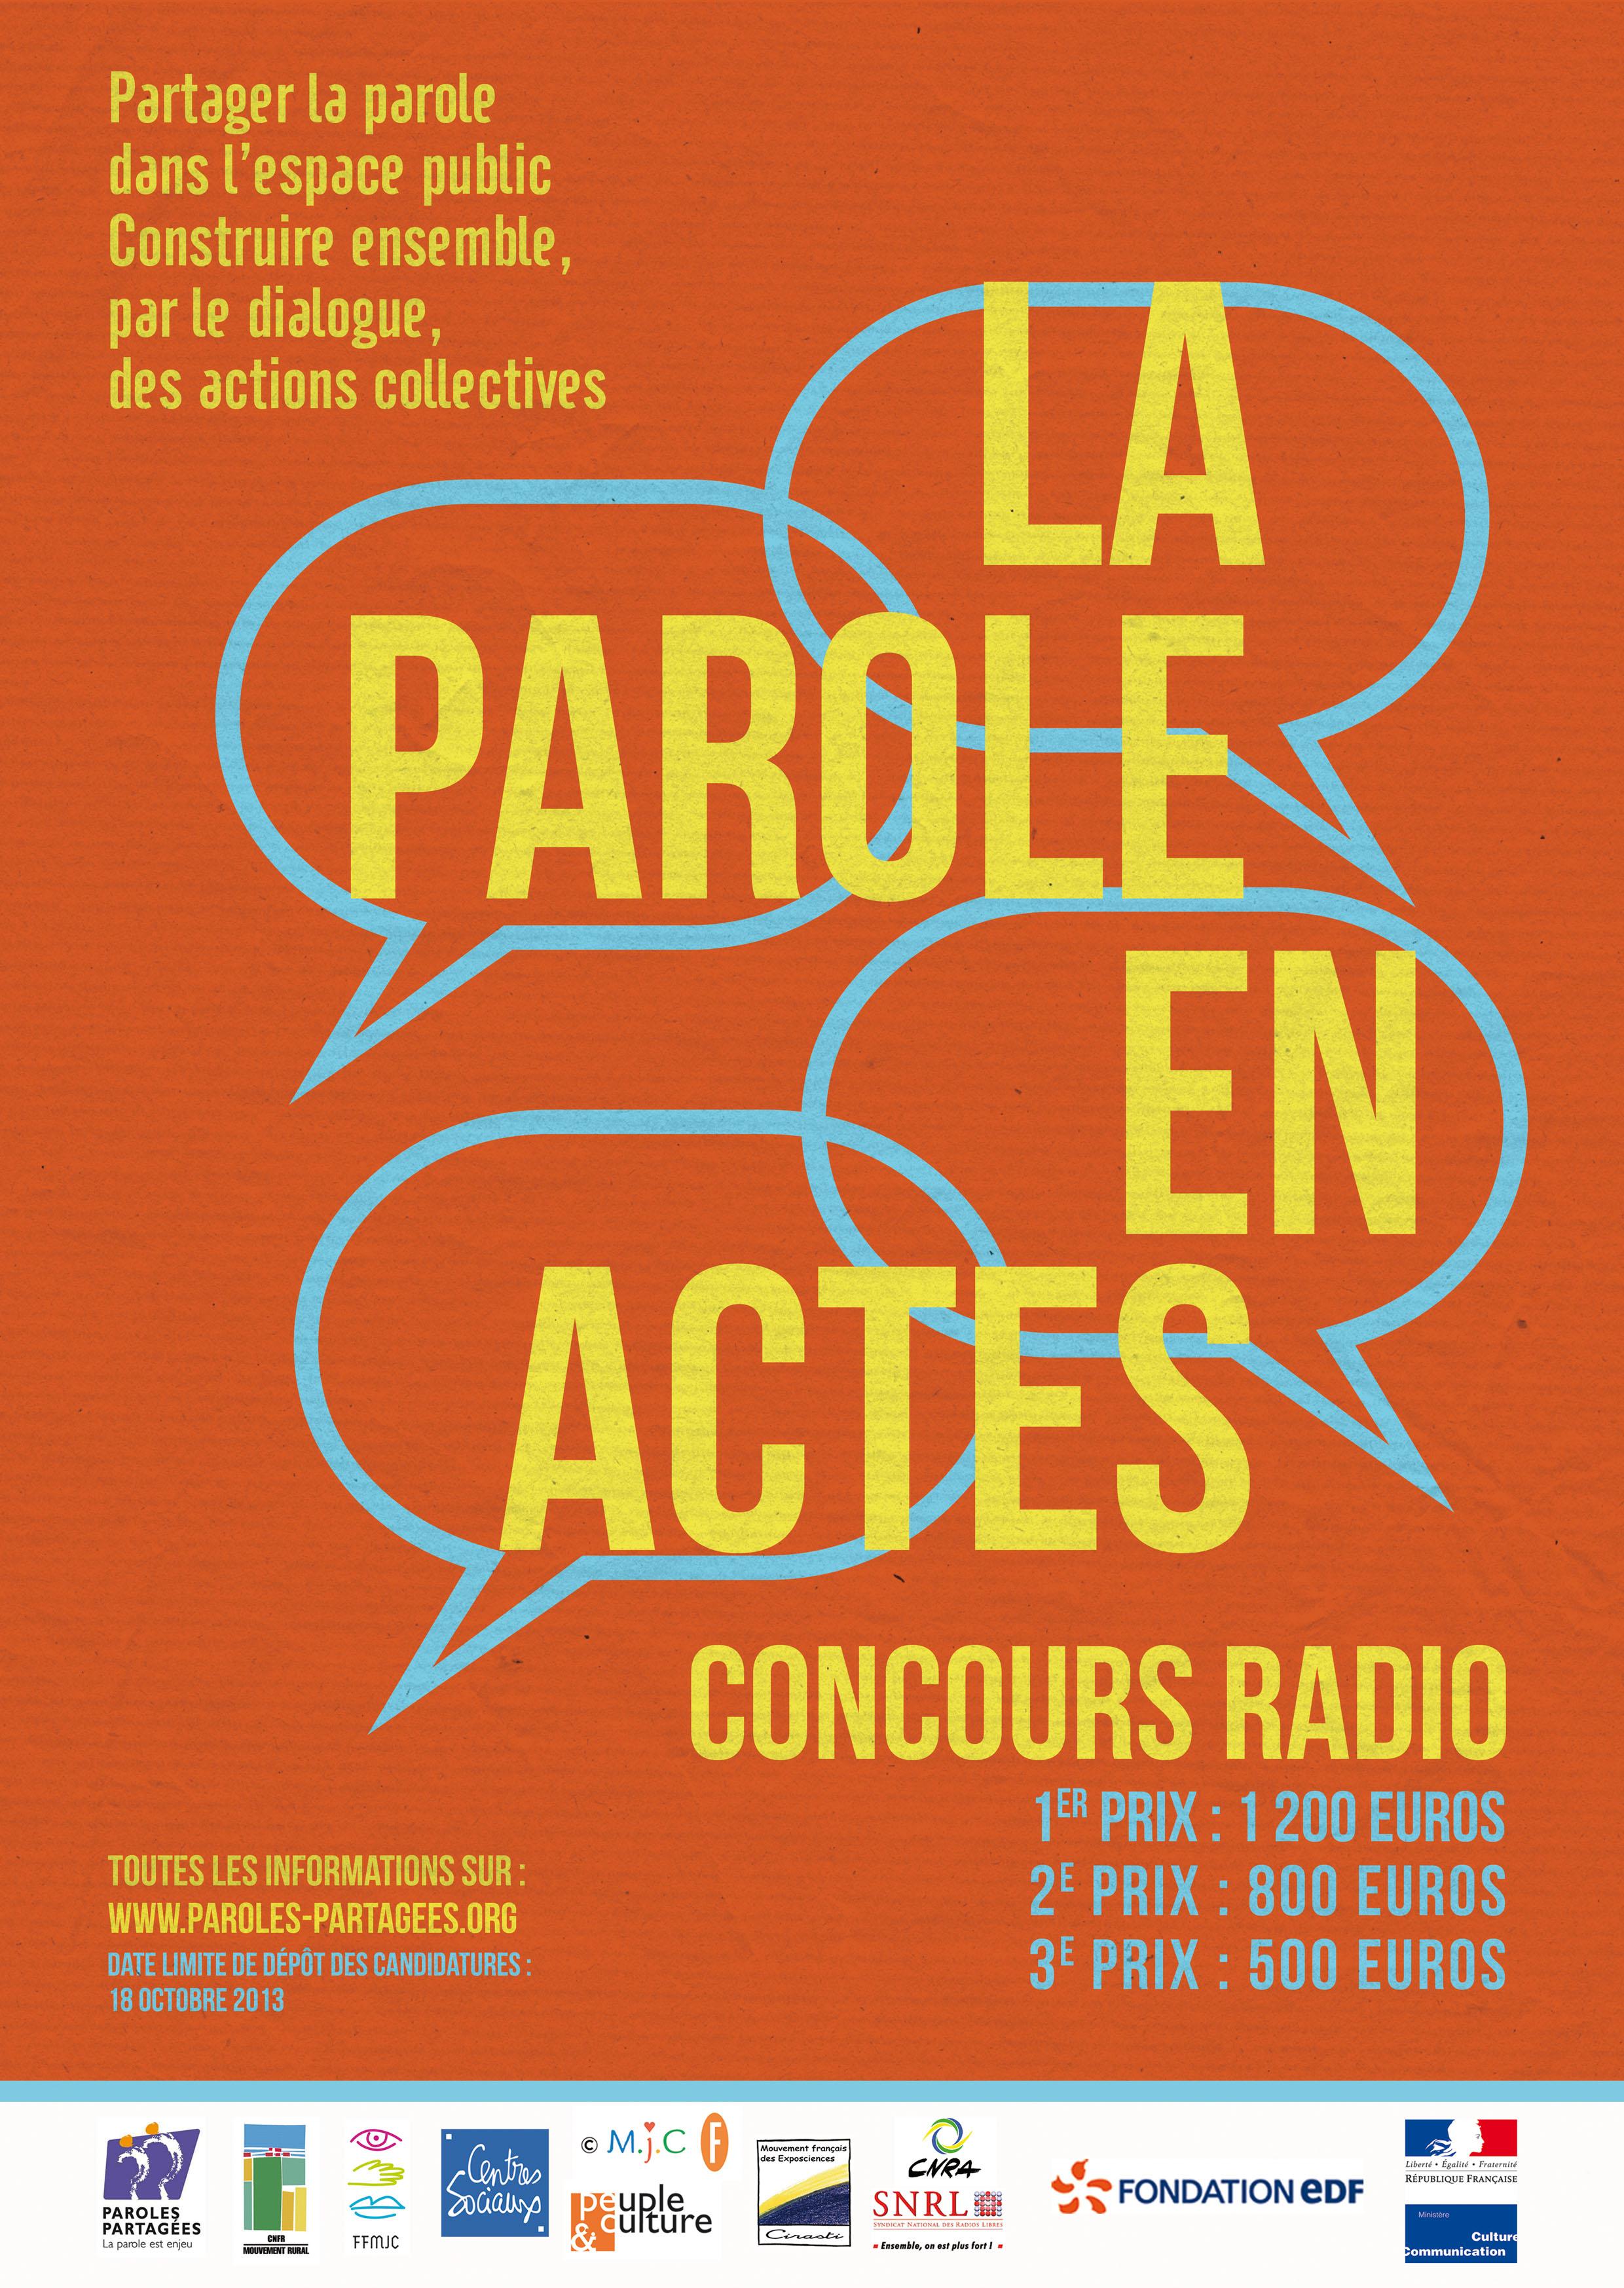 """Concours """"Paroles partagées"""" - édition 2013 : tous à vos micros !"""